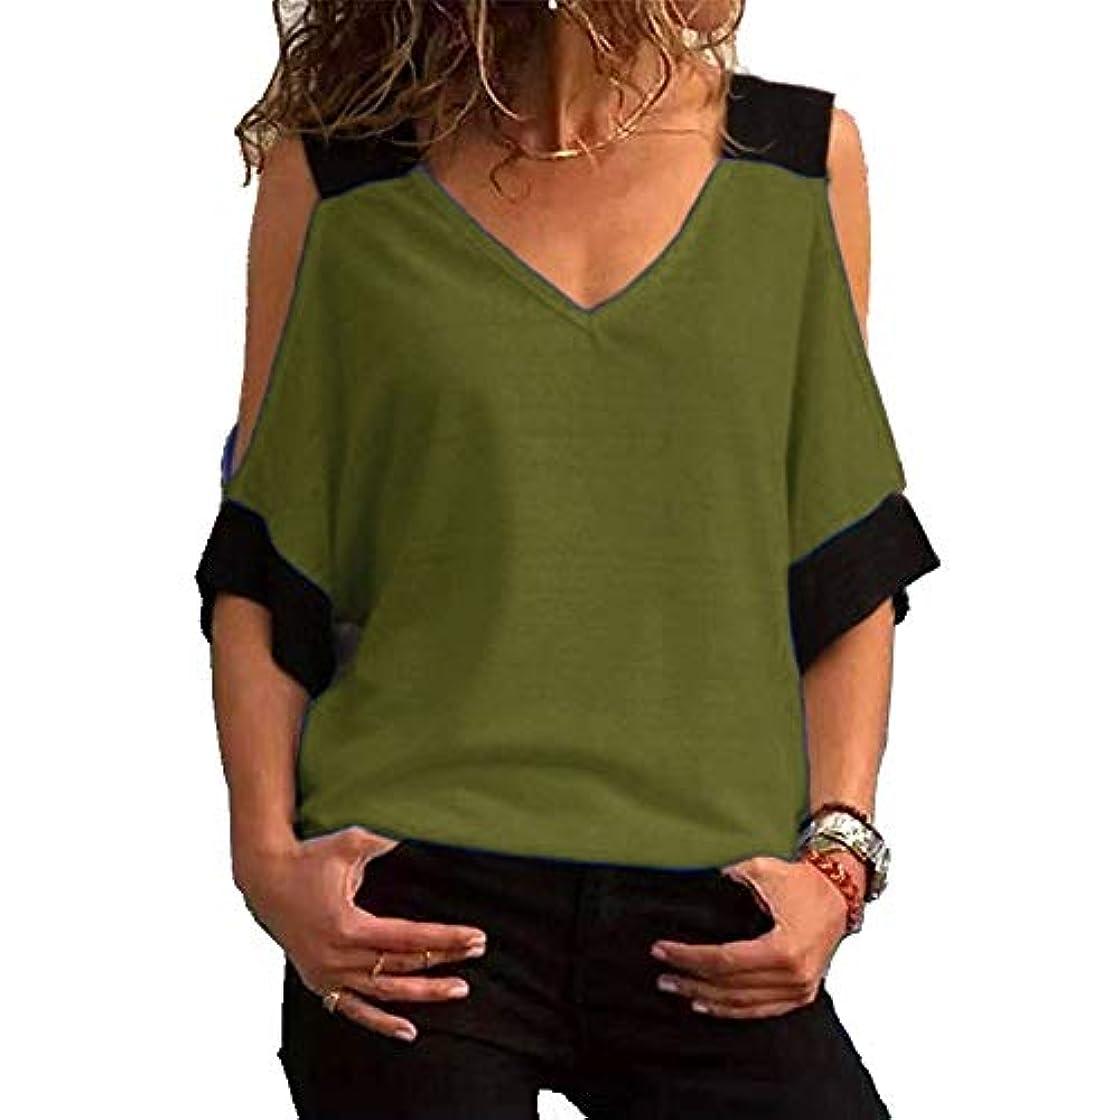 の間に人気の同時MIFAN女性ファッションカジュアルトップス女性ショルダーブラウスコットンTシャツディープVネック半袖